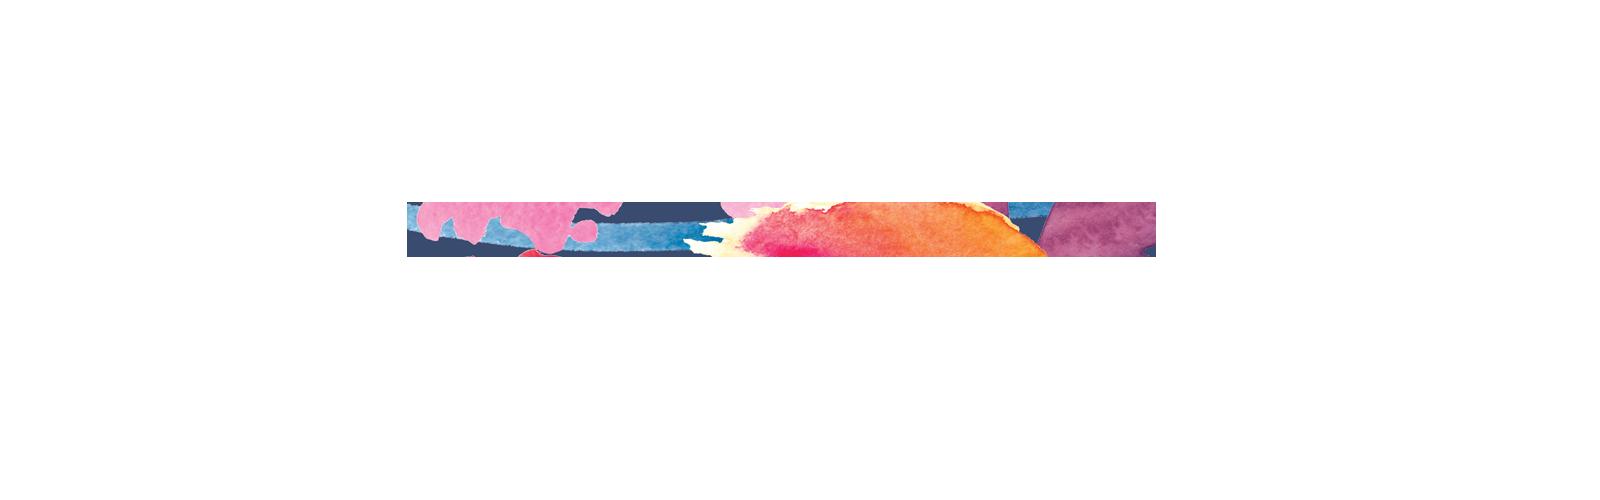 floral-design.png